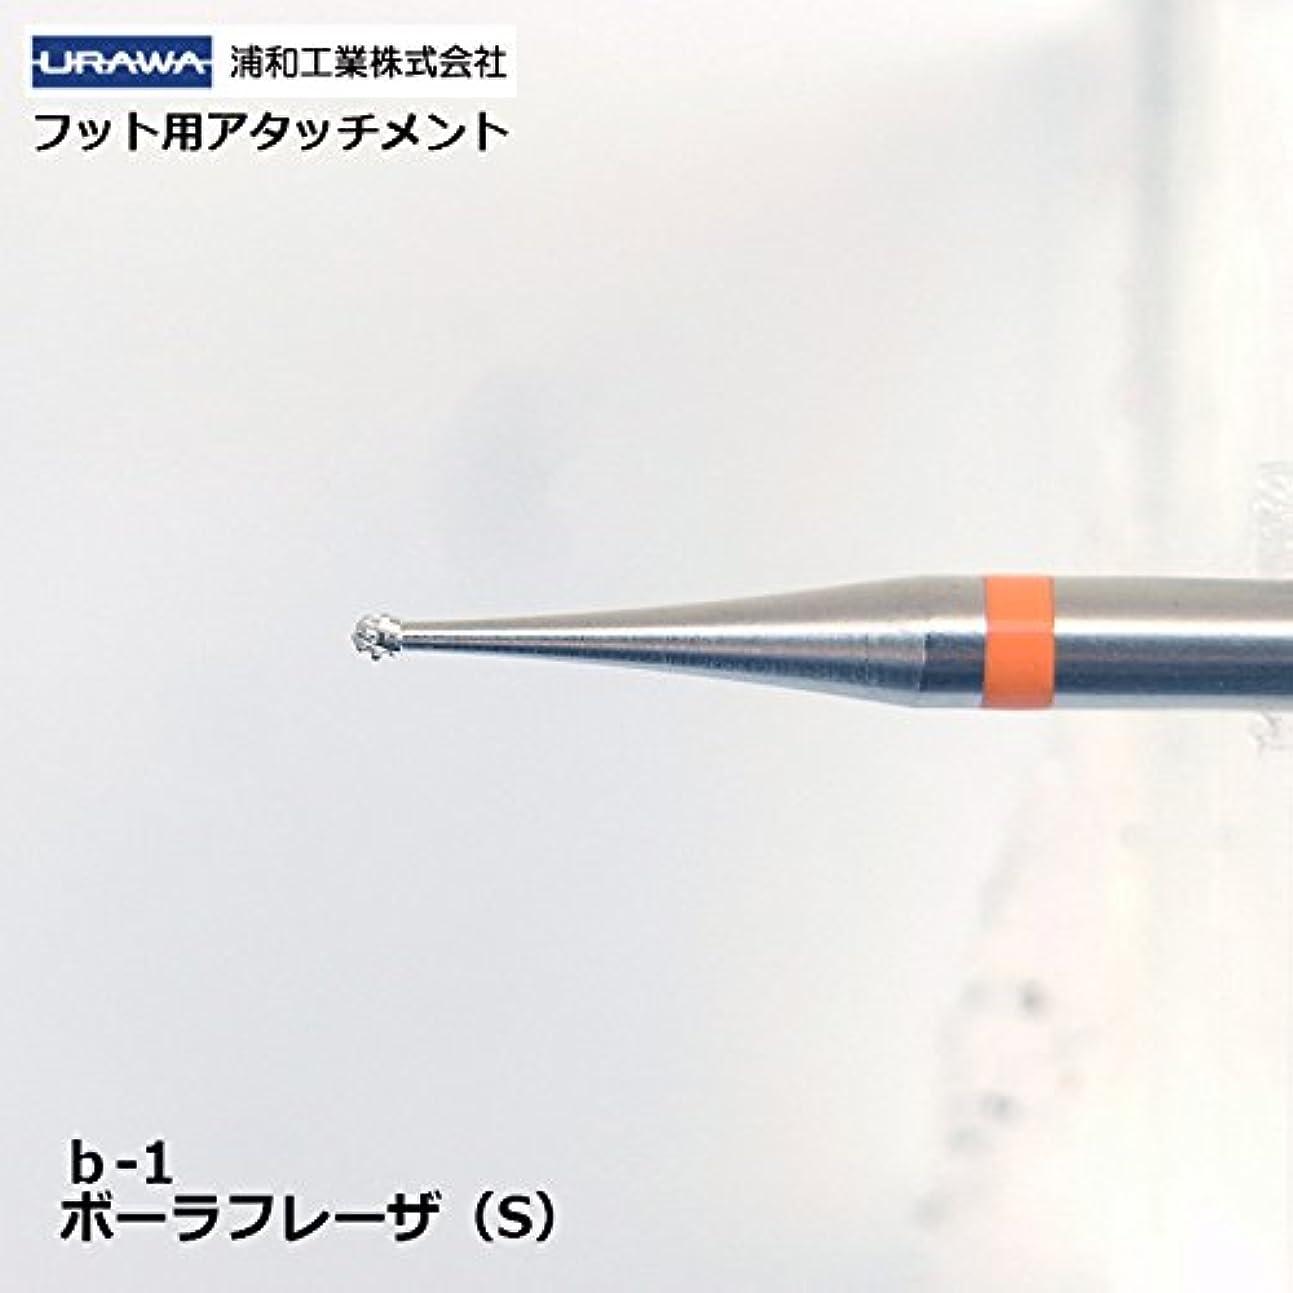 幻滅従う死の顎【URAWA】ボーラフレーザーS(b-1)【フット用アタッチメント】